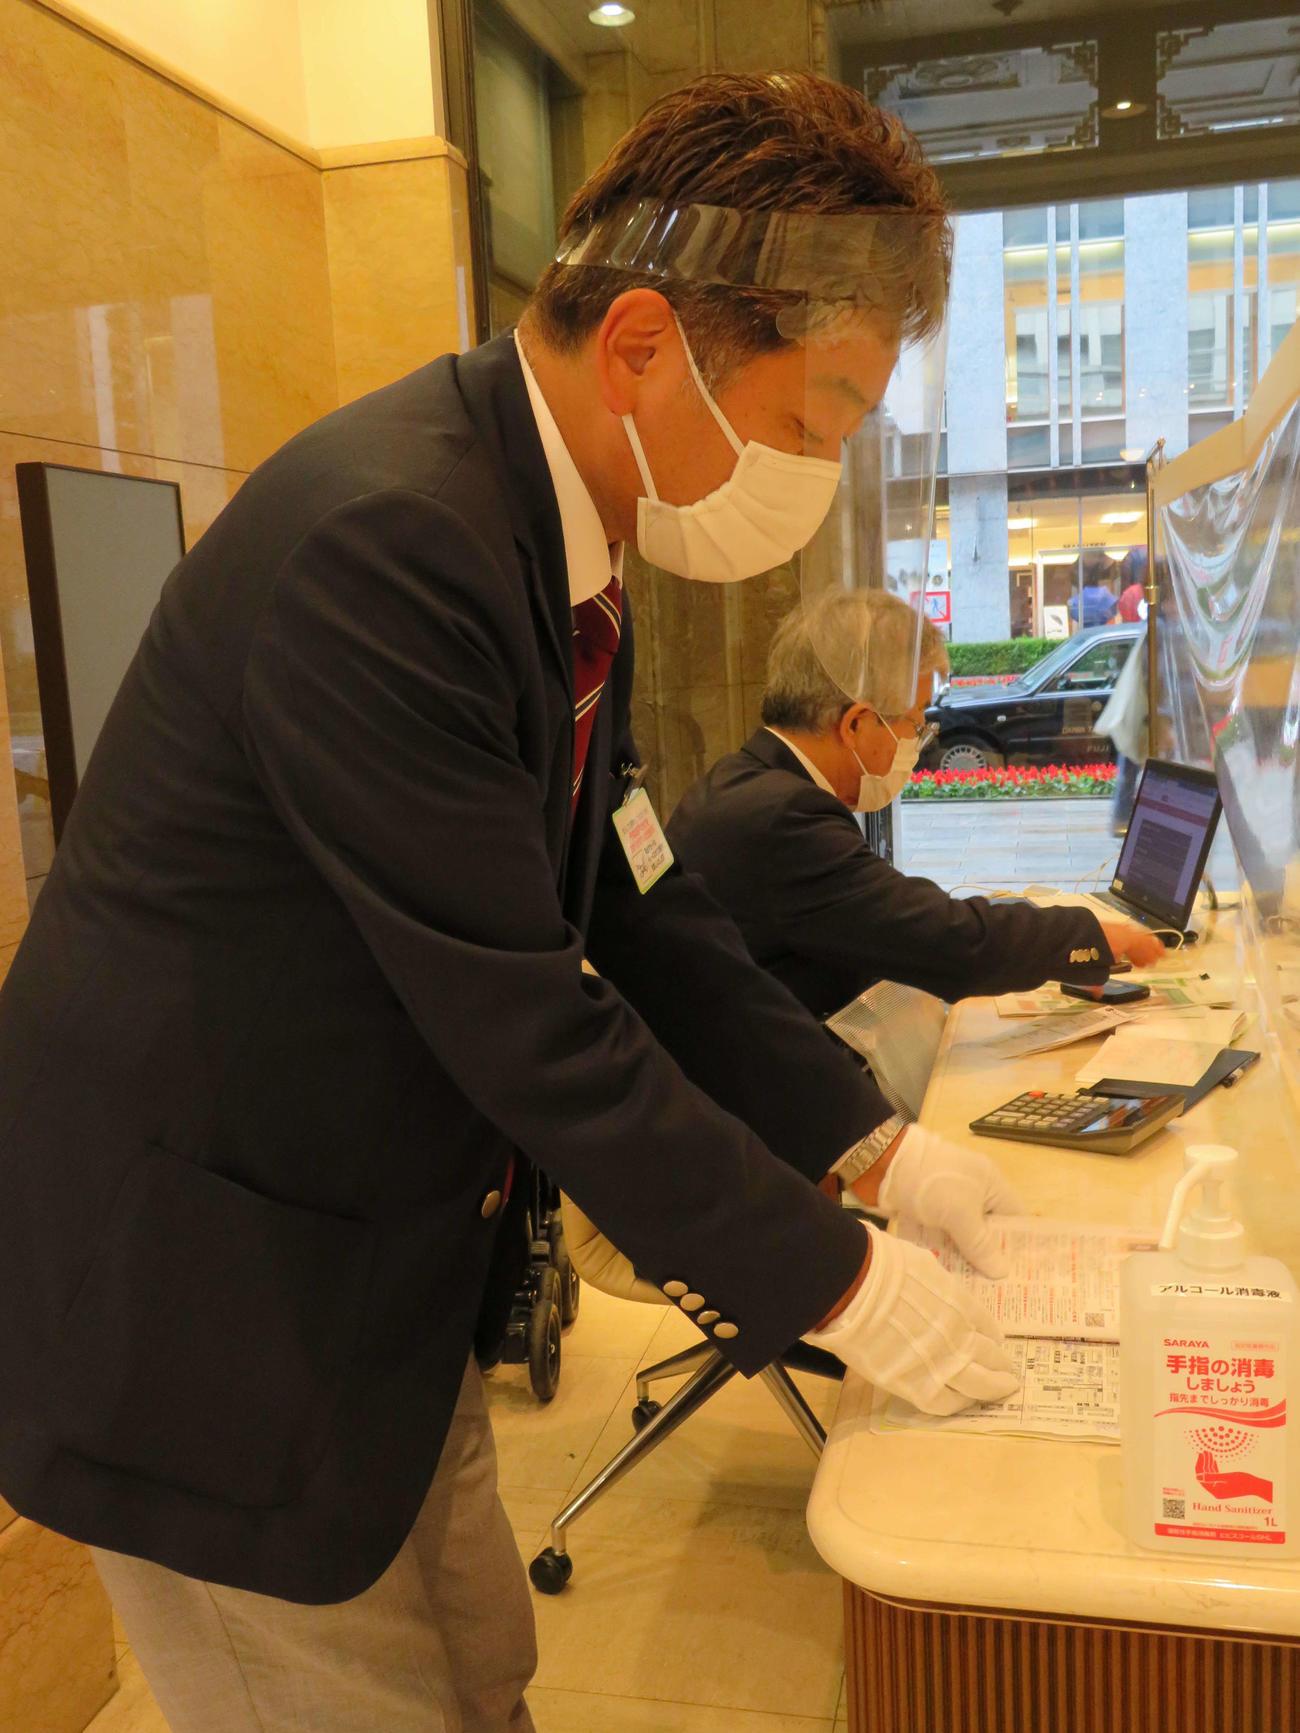 日本橋高島屋S.C.のコンシェルジェは、フェースシールドを着用し、接客していた(撮影・近藤由美子)